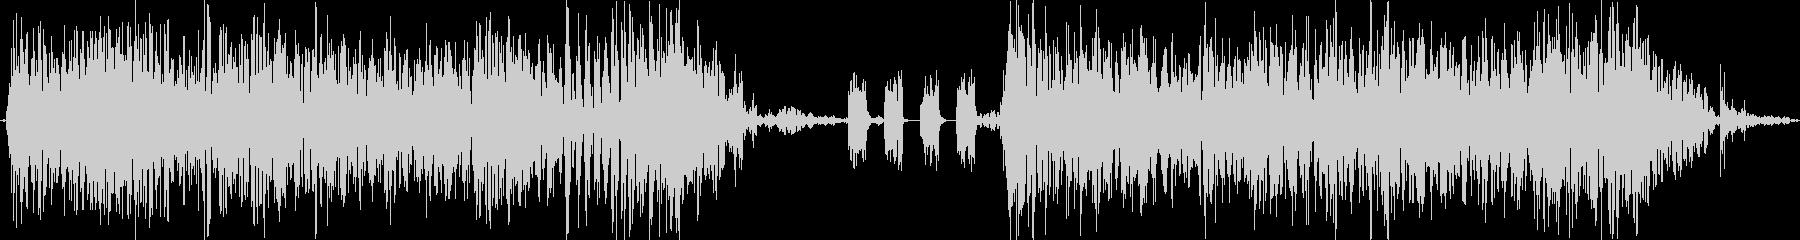 サウンドロゴ_インパクト血気盛BASSの未再生の波形